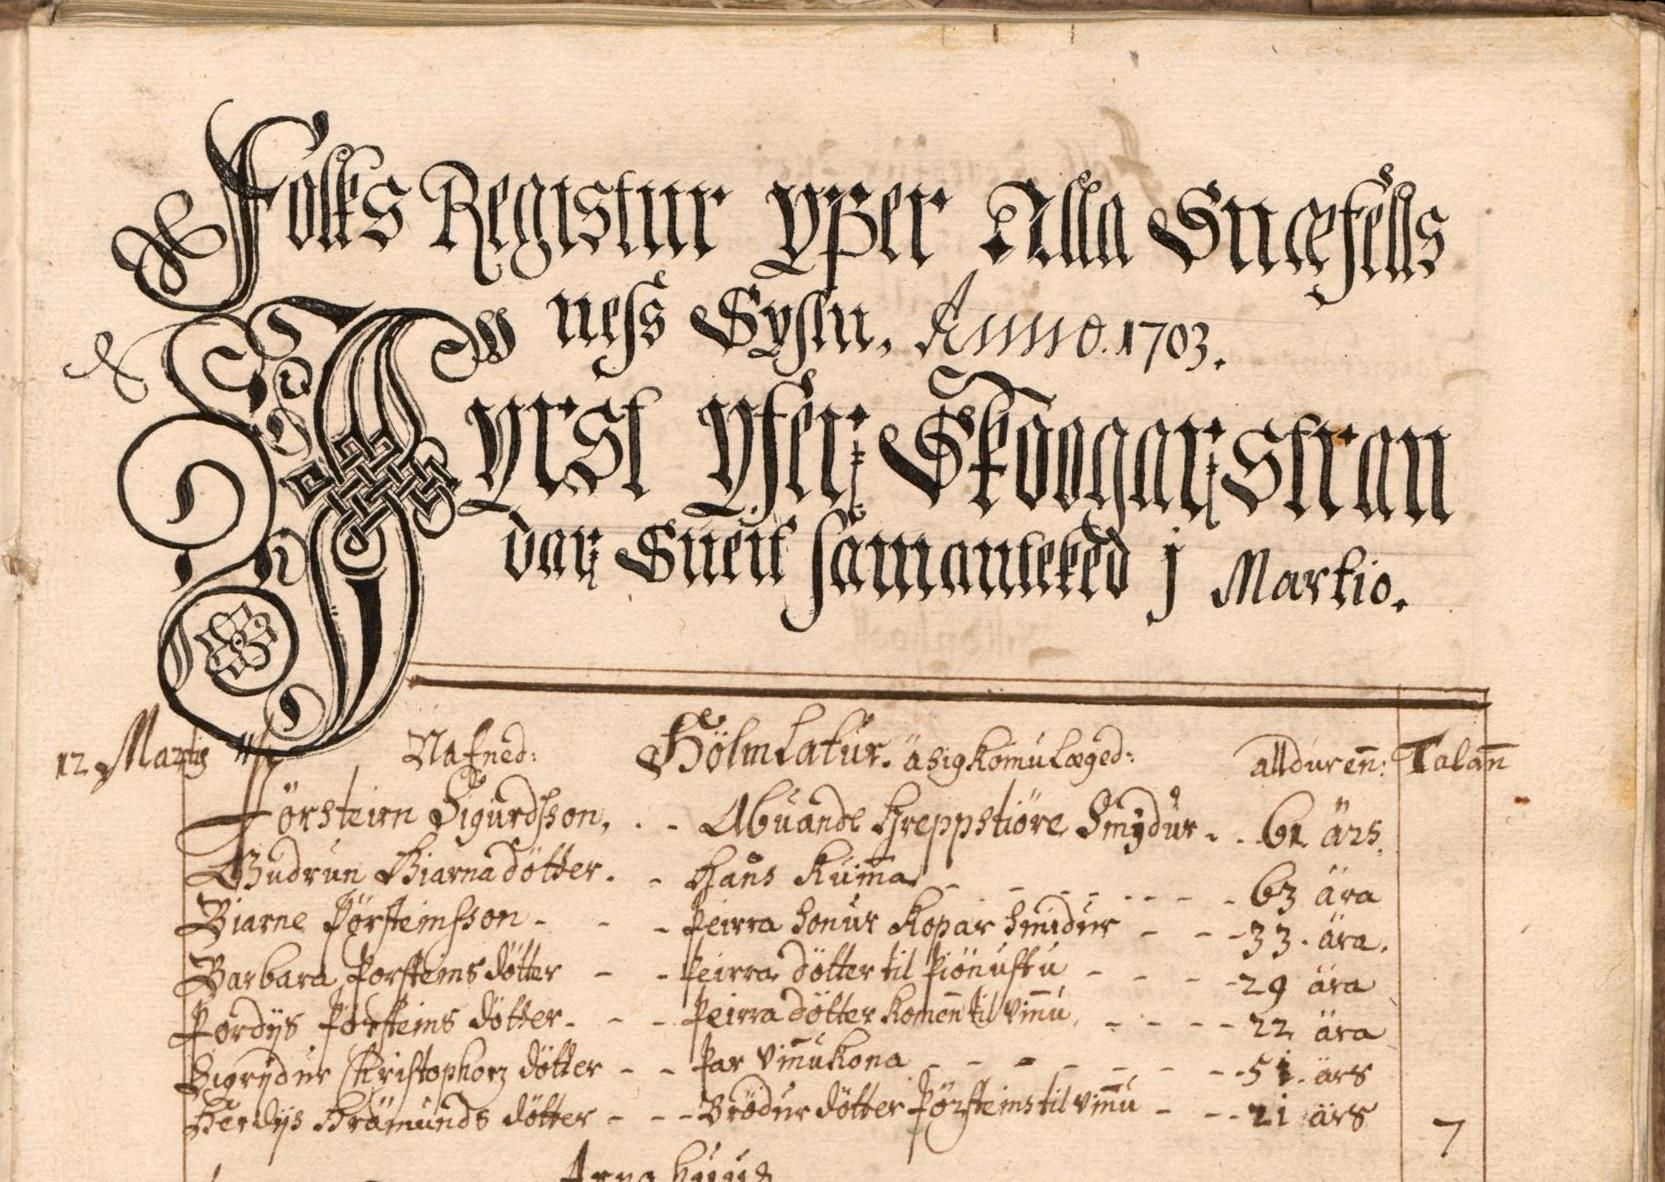 Manntalið 1703. Upphaf fólkstals á Skógarströnd, Snæf.